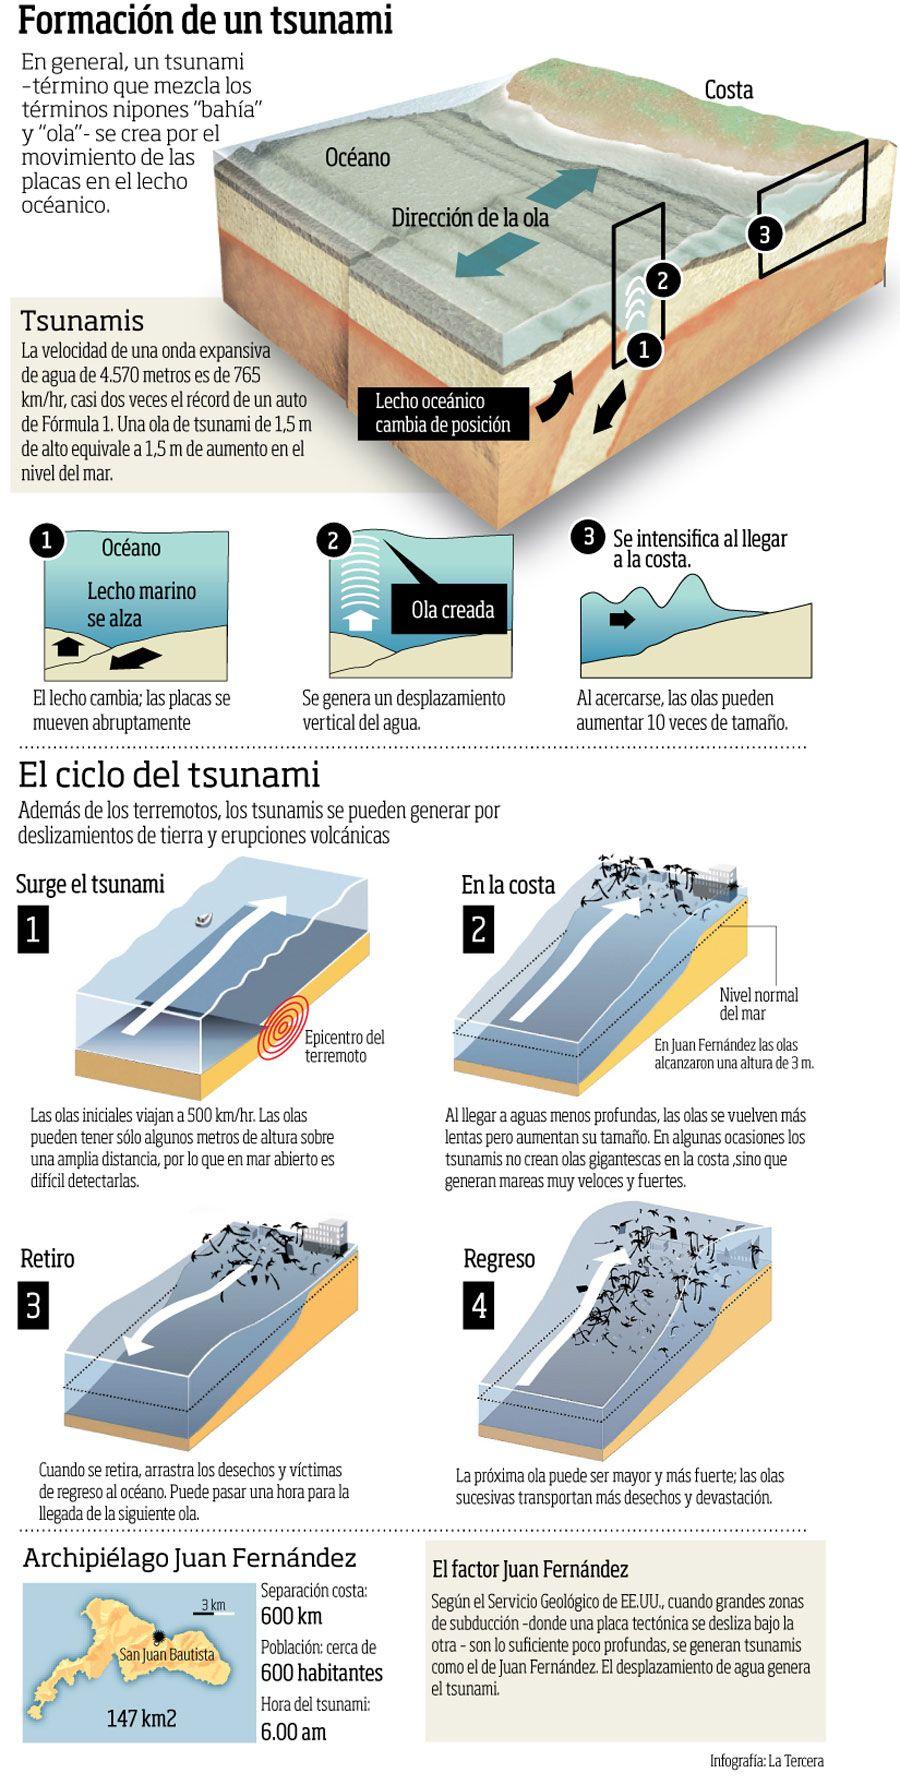 La Formación de un Tsunami #infografia